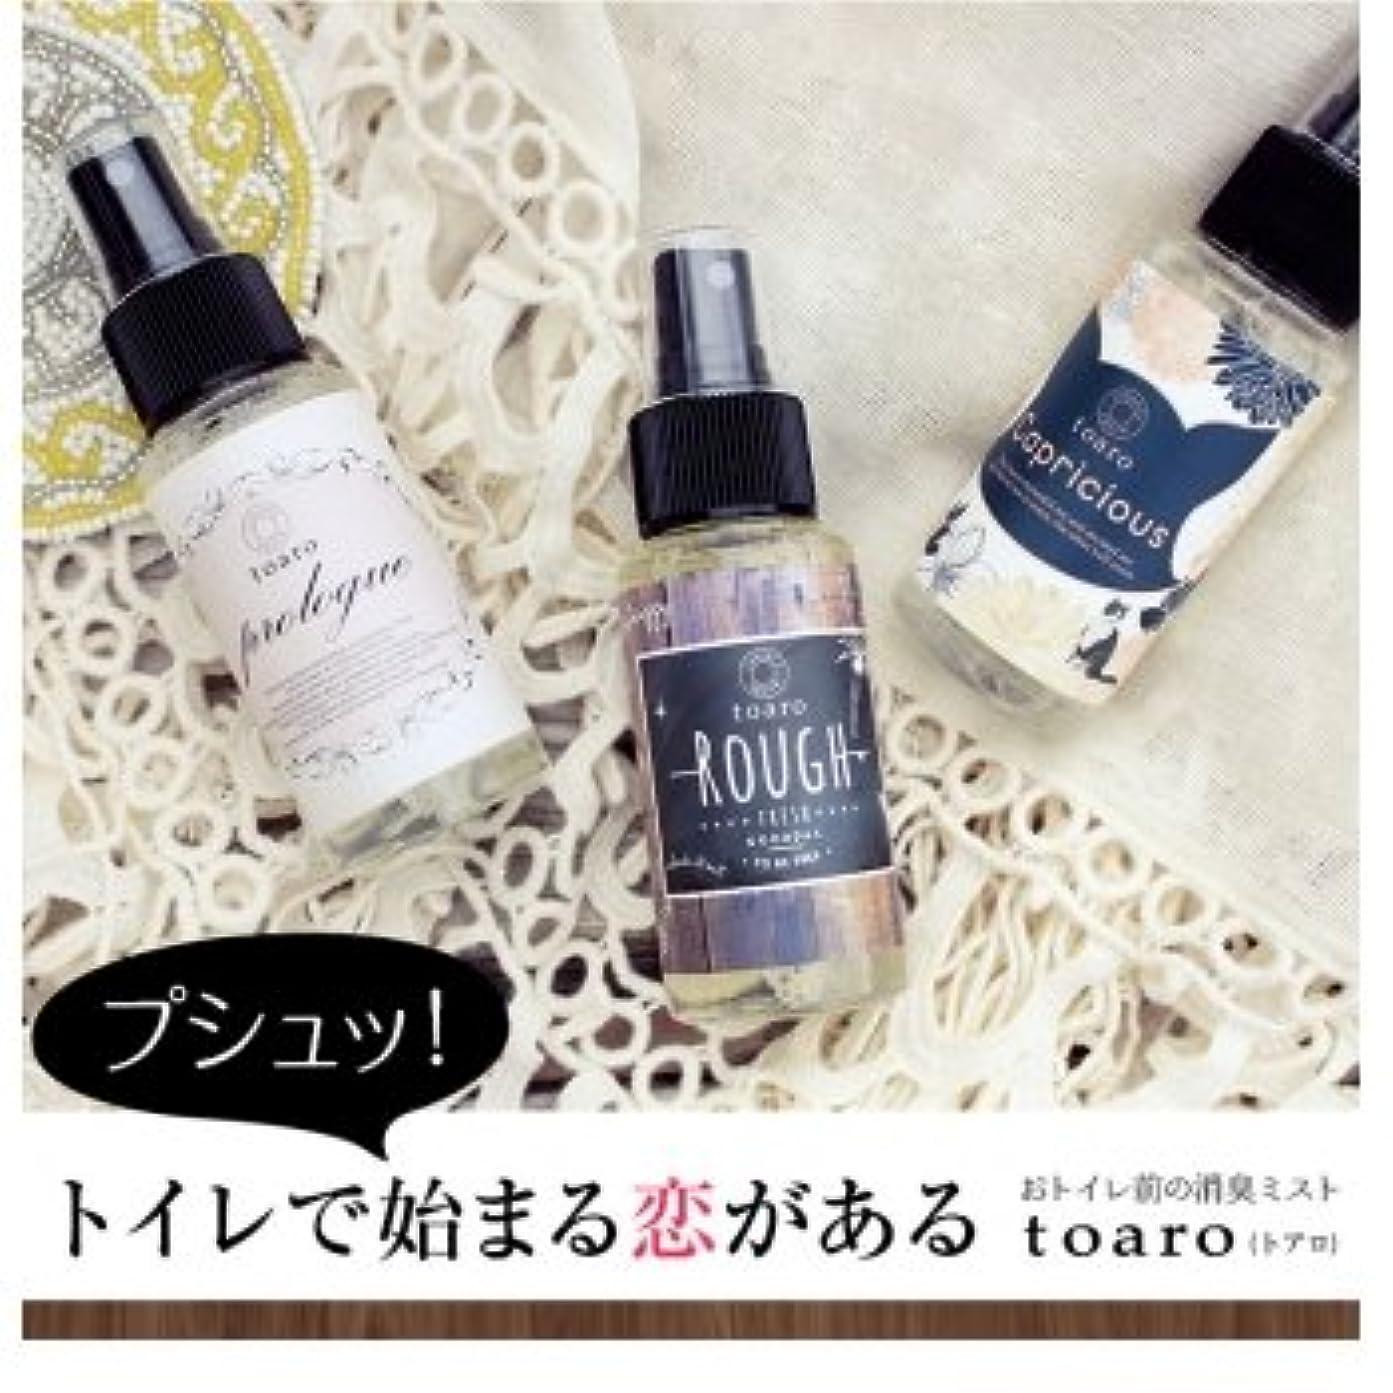 シャトル浪費toaro(トアロ)トイレ専用消臭ミスト ラフ